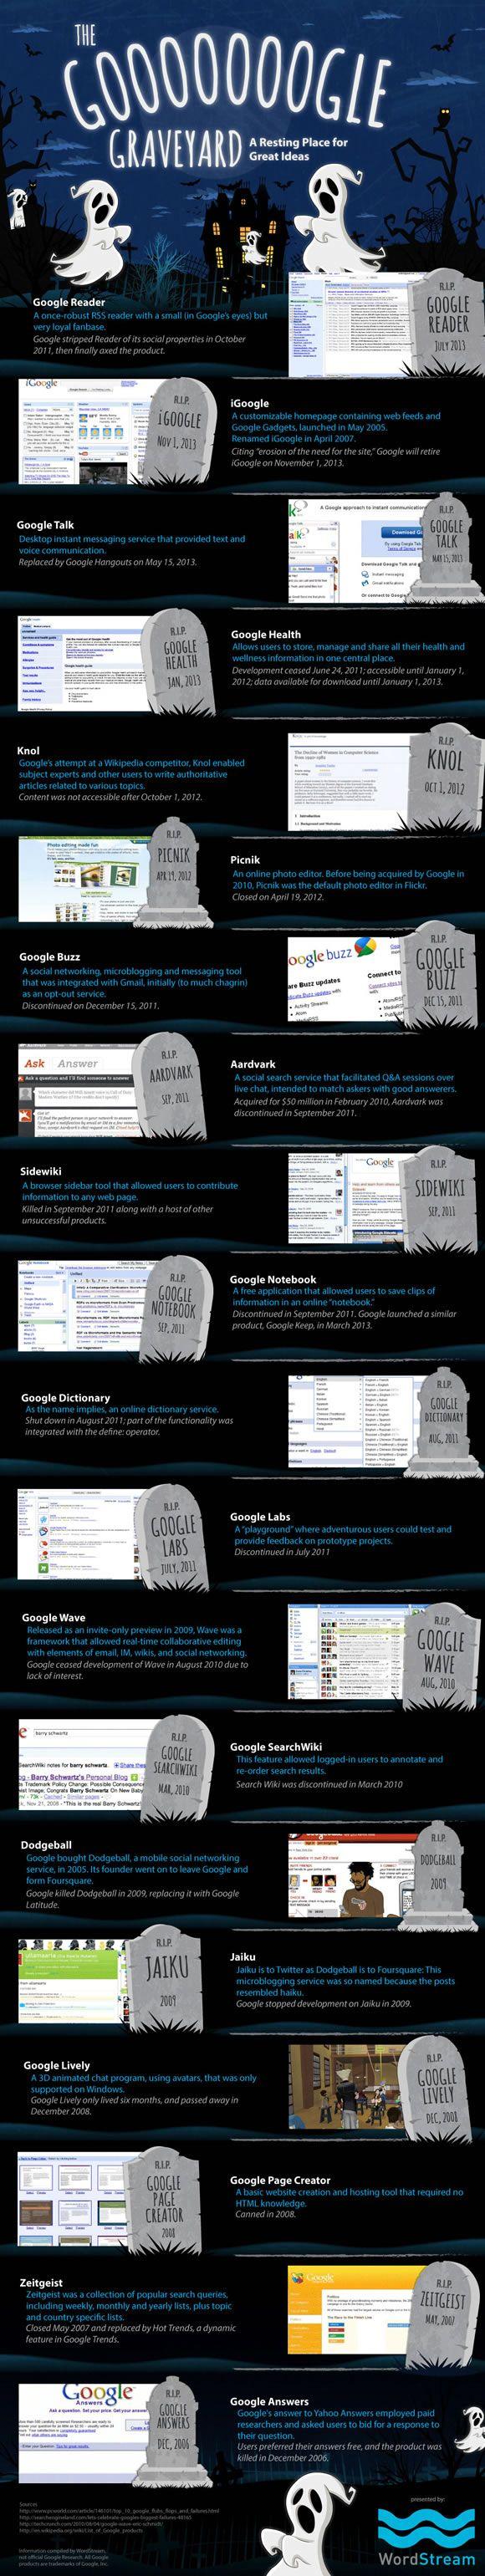 google cementerio